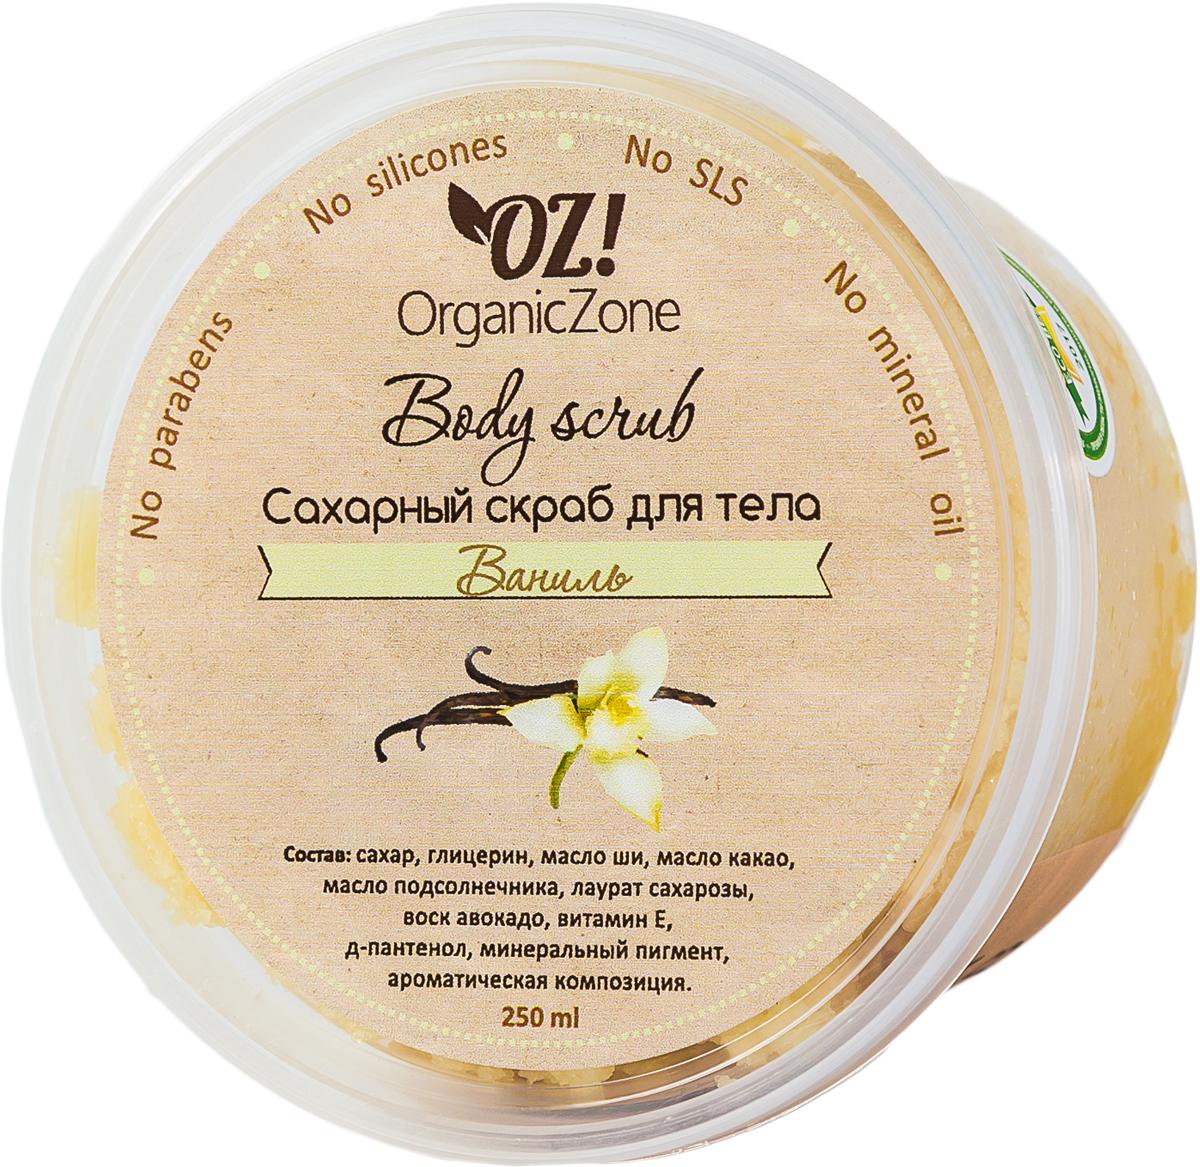 OrganicZone Сахарный скраб для тела Ваниль, 250 мл4626018133798Глубоко очищает кожу и удаляет ороговевшие клетки. Натуральные масла ши, какао, оливковое масло смягчают кожу, повышают ее эластичность. Д-пантенол и гель алоэ-вера увлажняют, способствуют регенерации, восстанавливают целостность кожного покрова, защищают кожу от пересушивания.